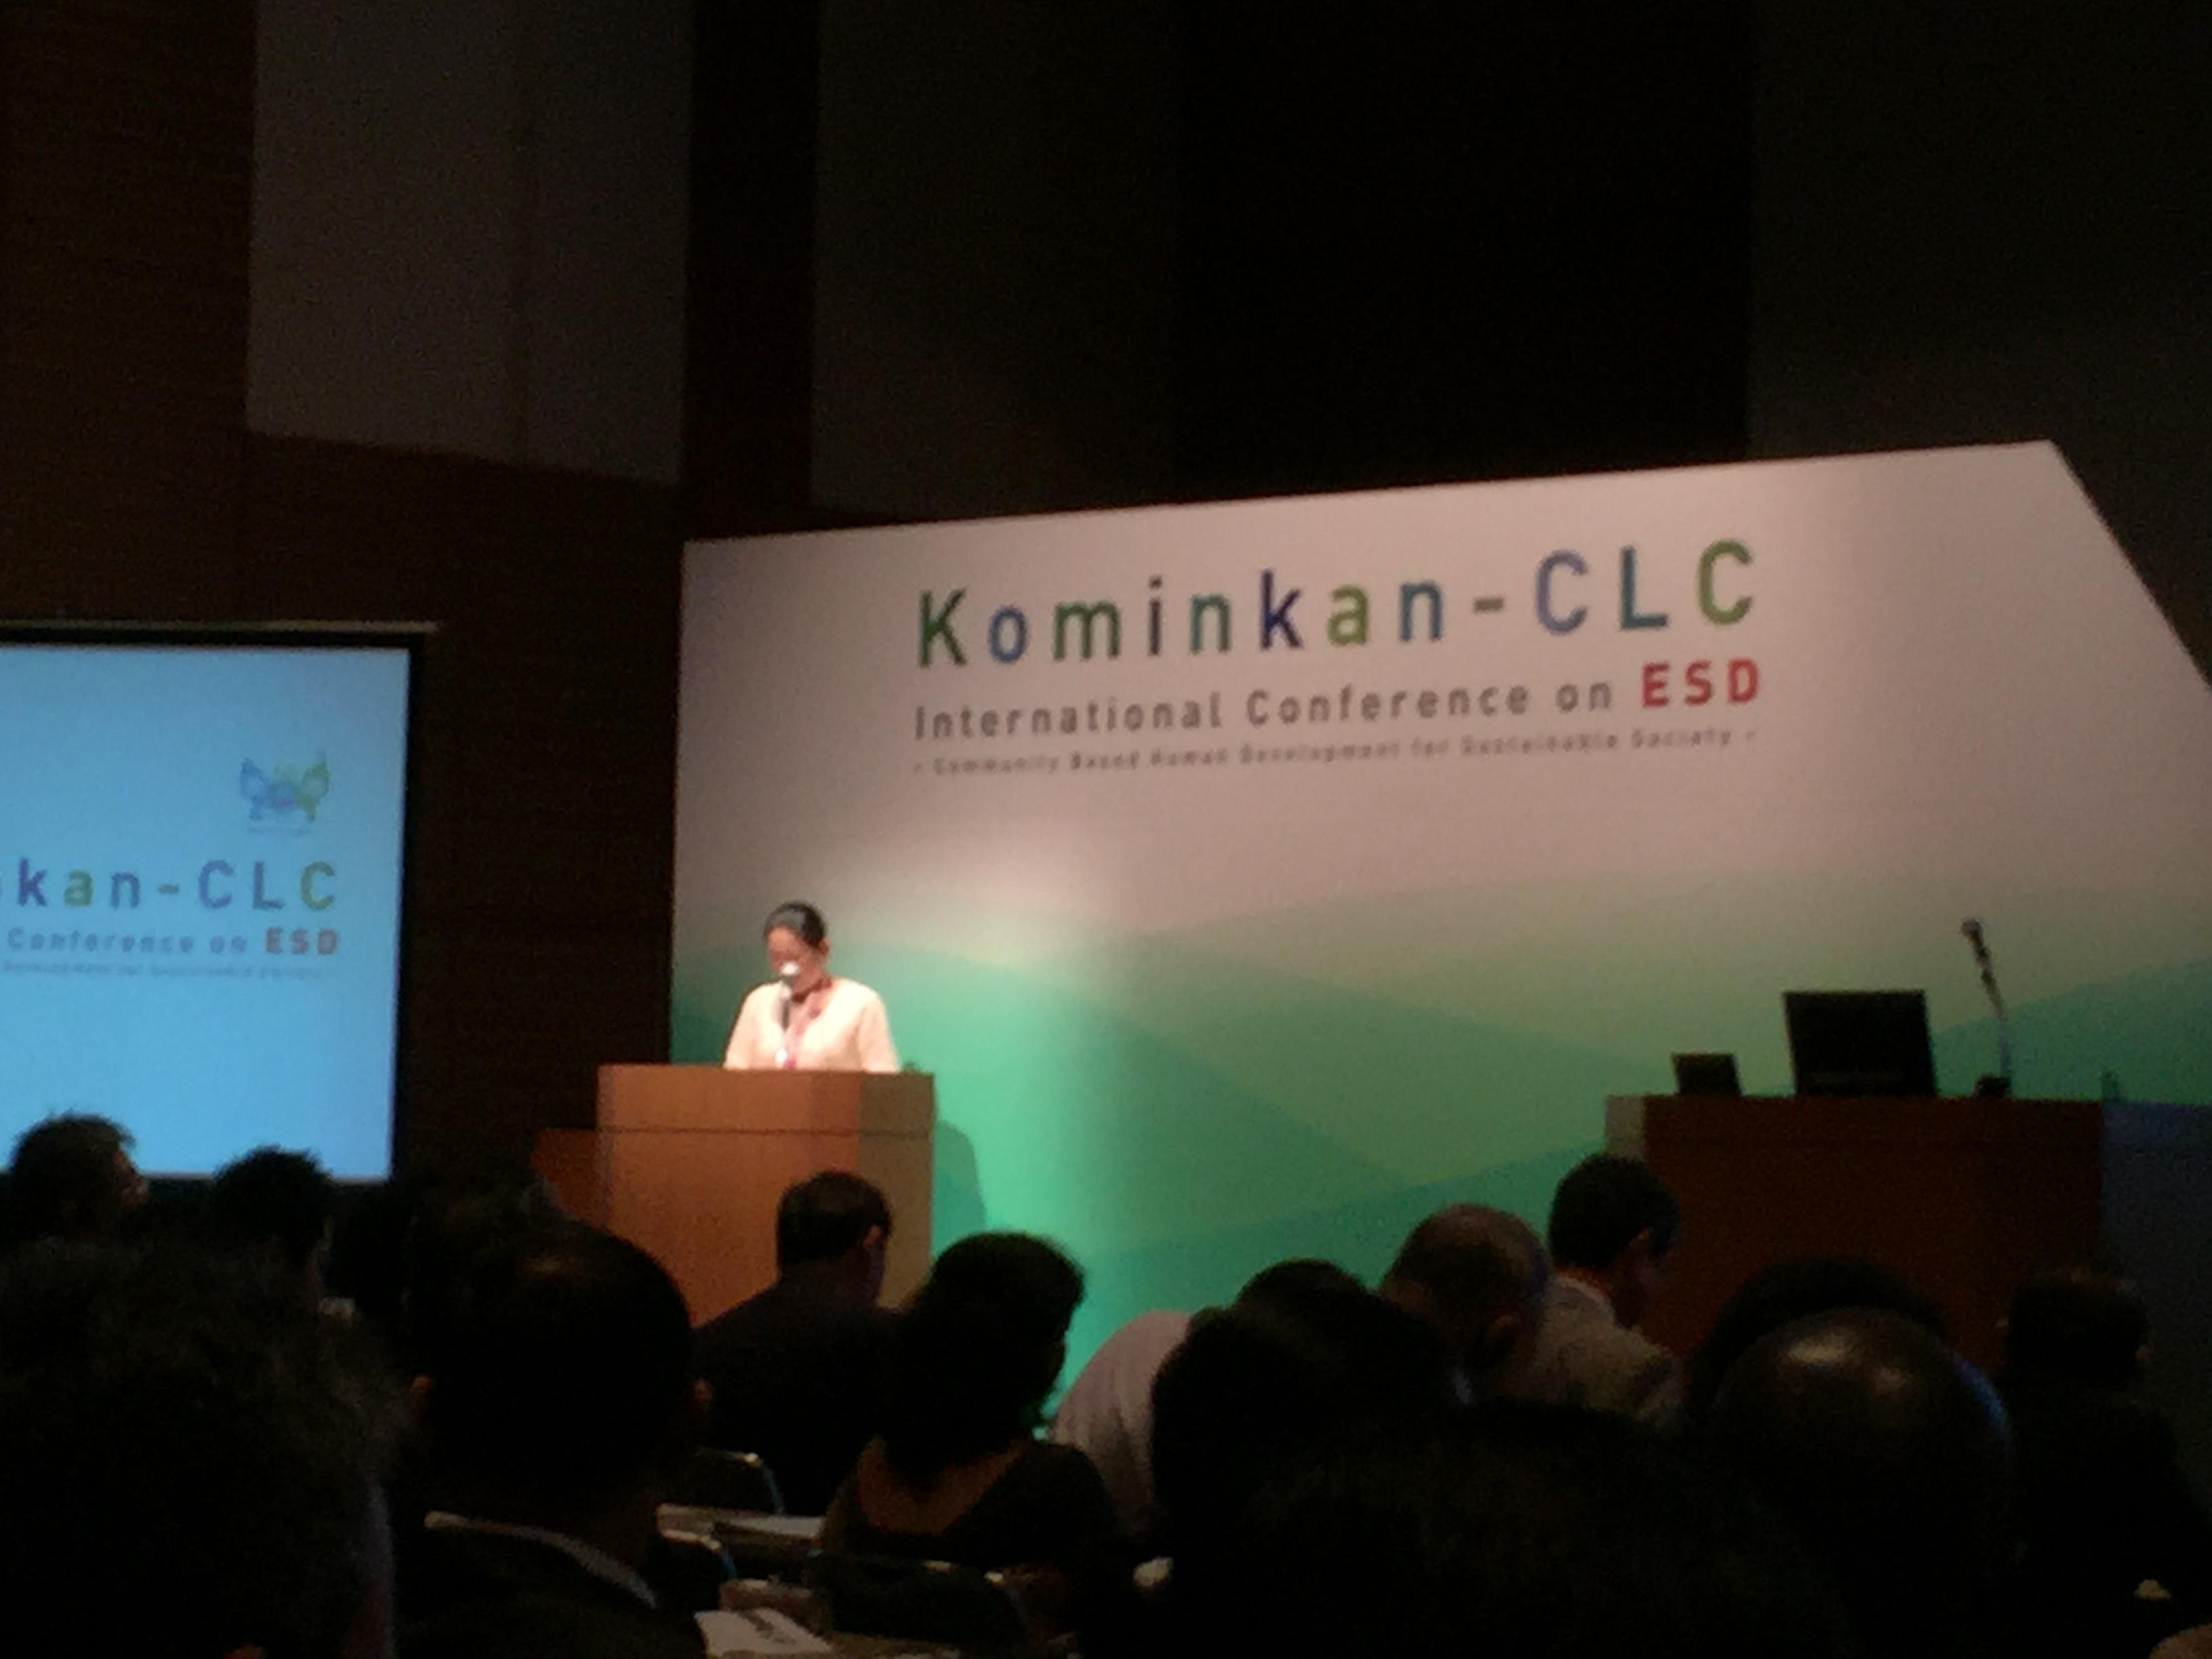 岡山のCLC国際会議の写真